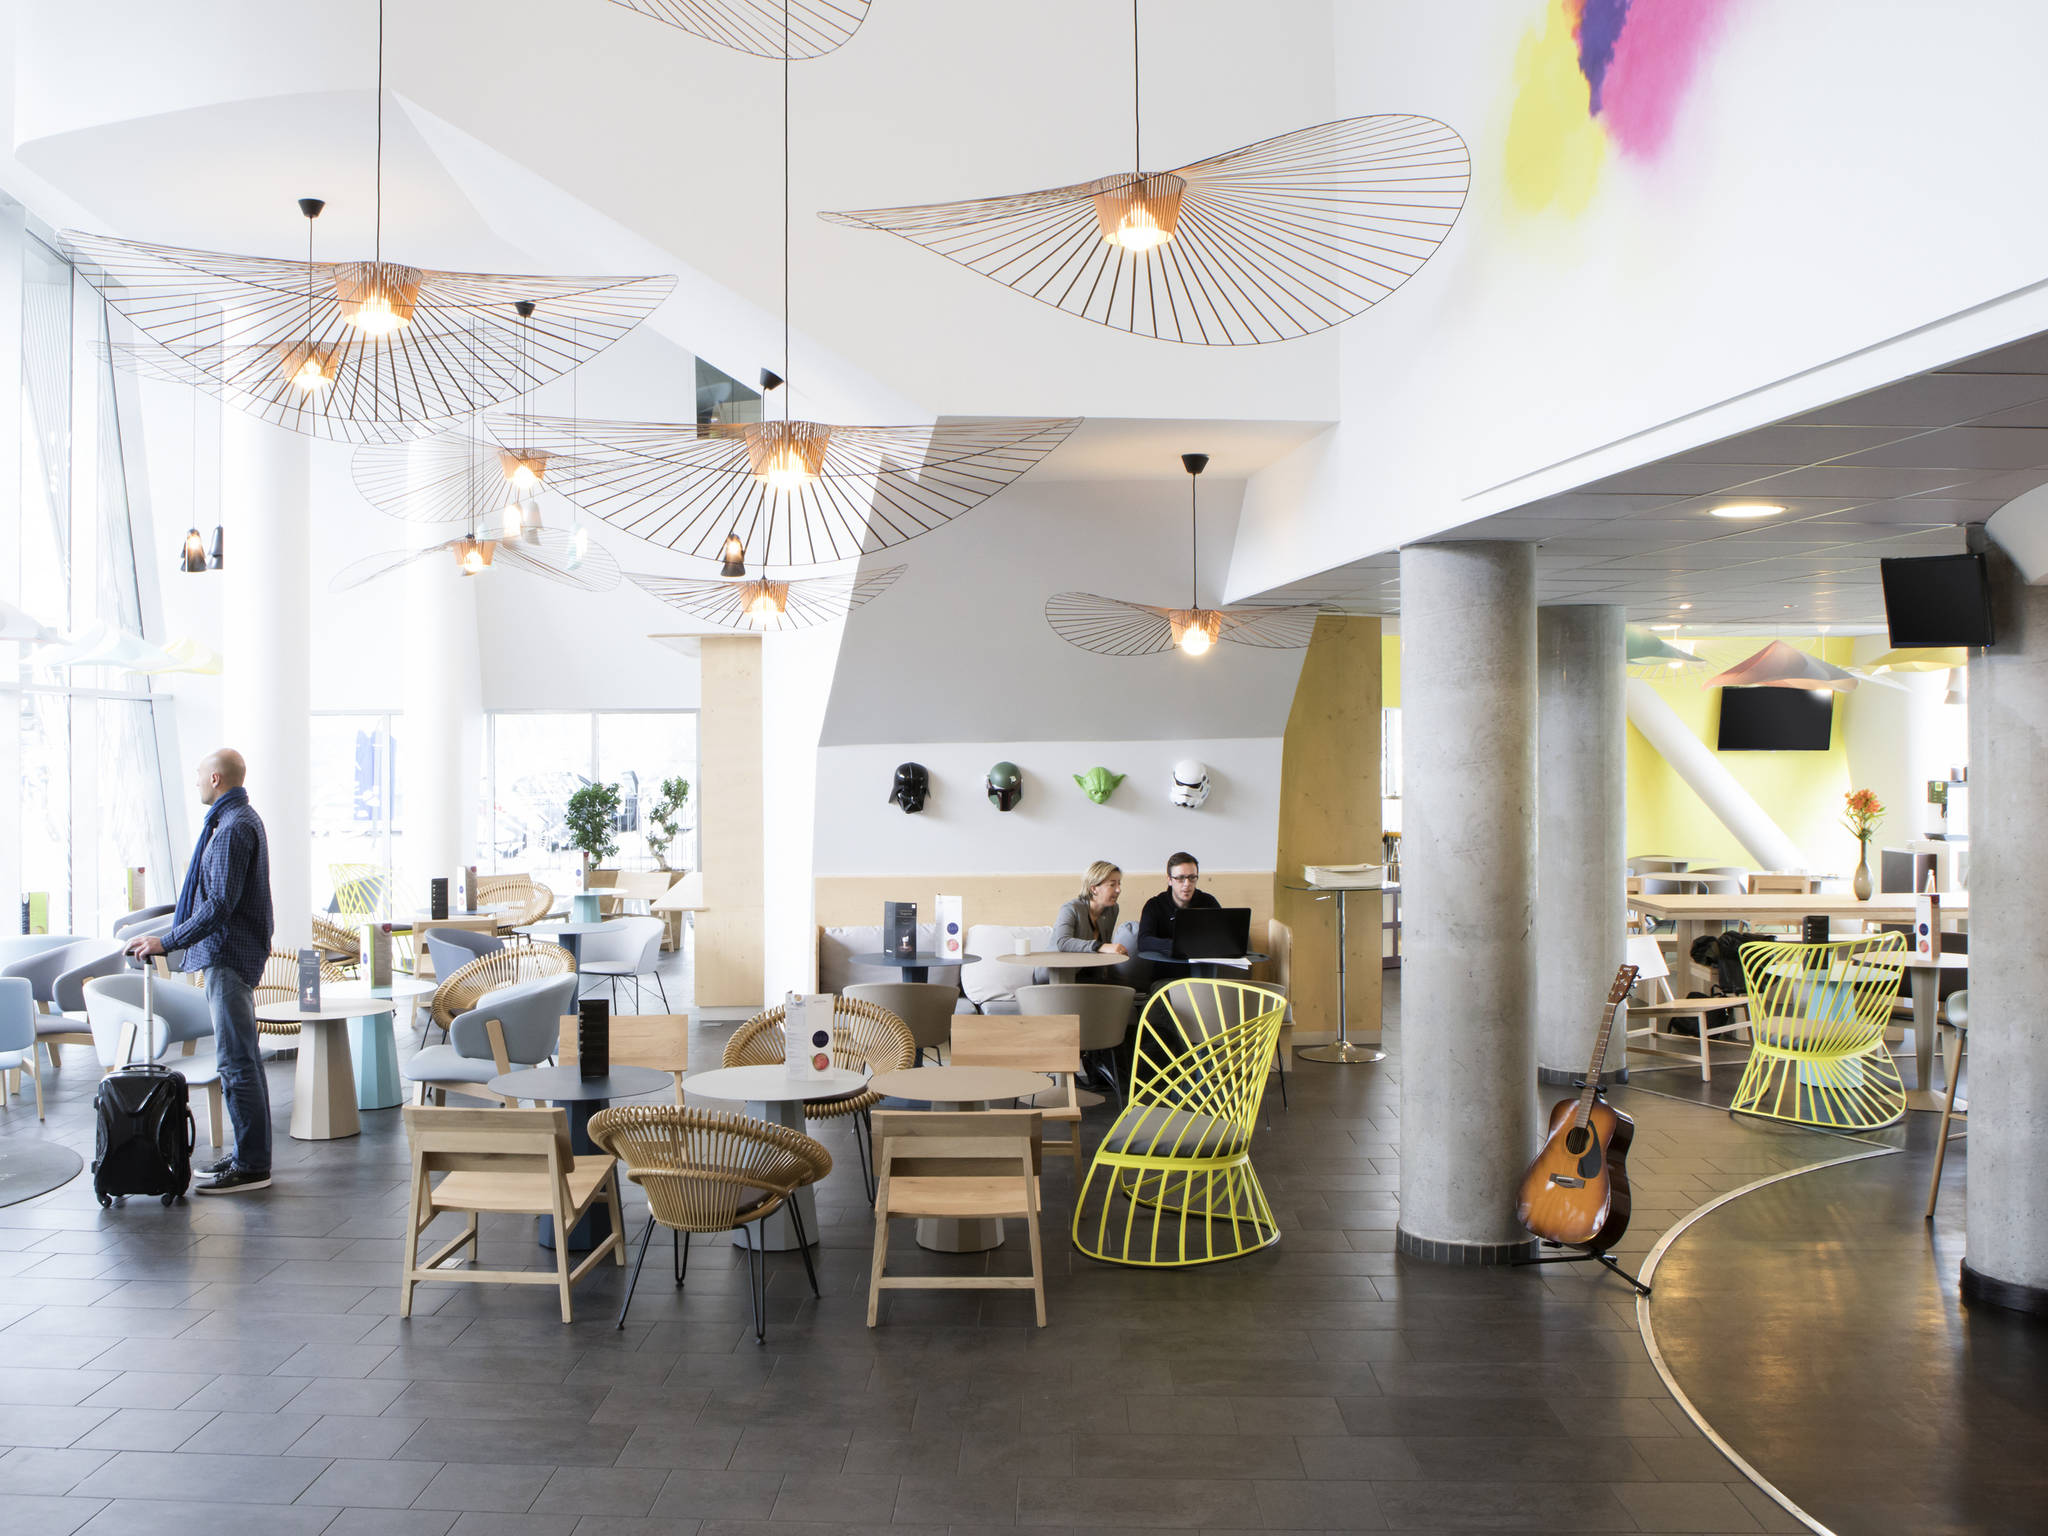 โรงแรม – Novotel Suites Gare Lille Europe